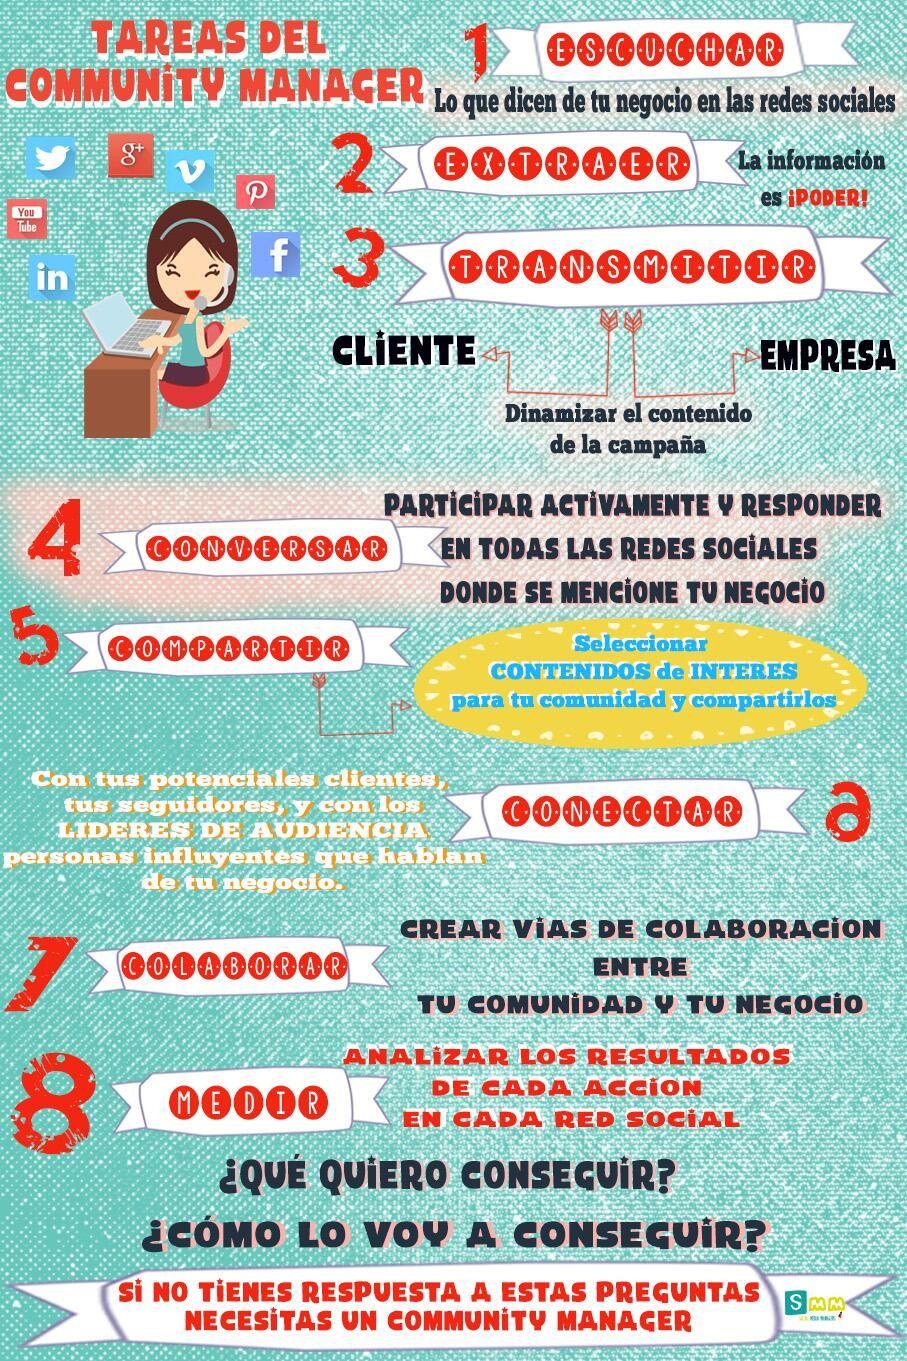 Tareas de un #CommunityManager #infografia  #socialmedia Fuente: Ticsyformación